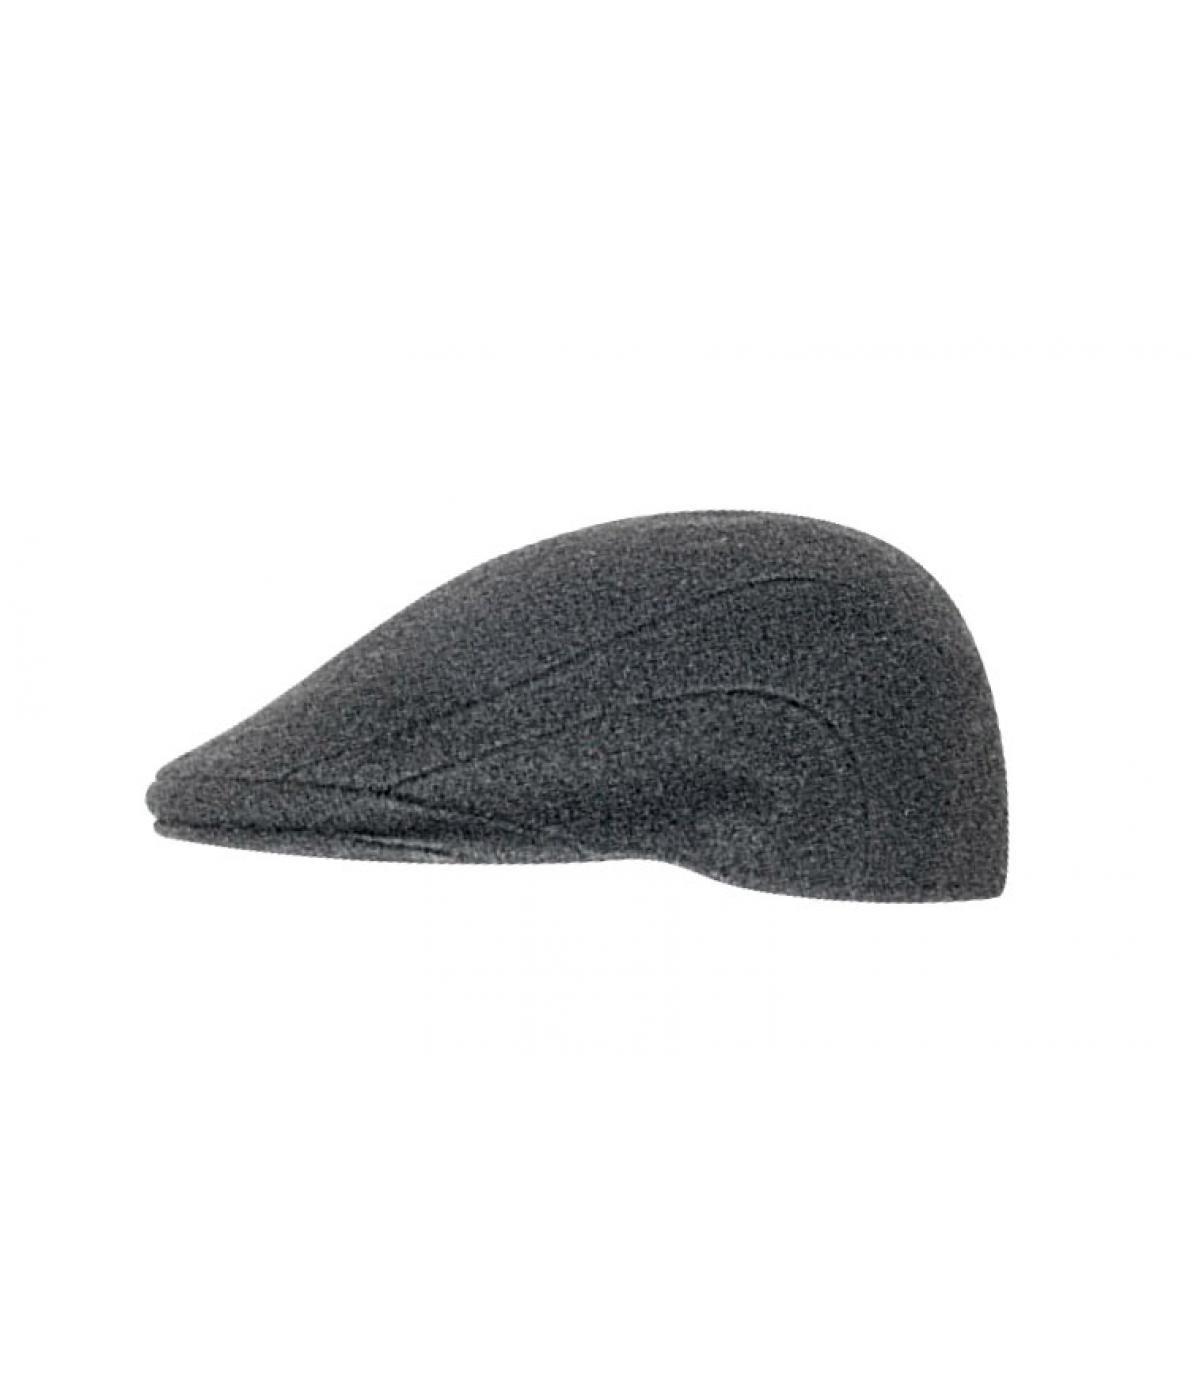 Détails 507 wool gris - image 2